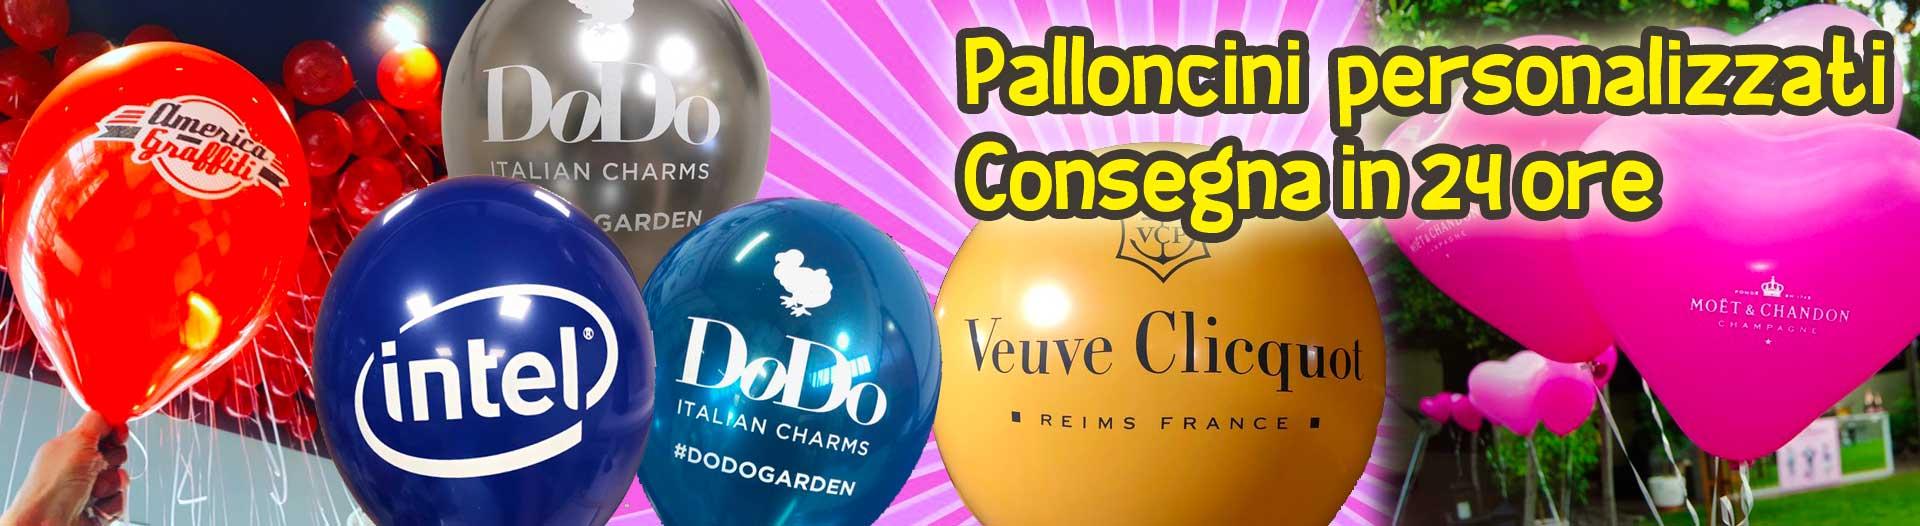 banner-palloncini-pubblicitari